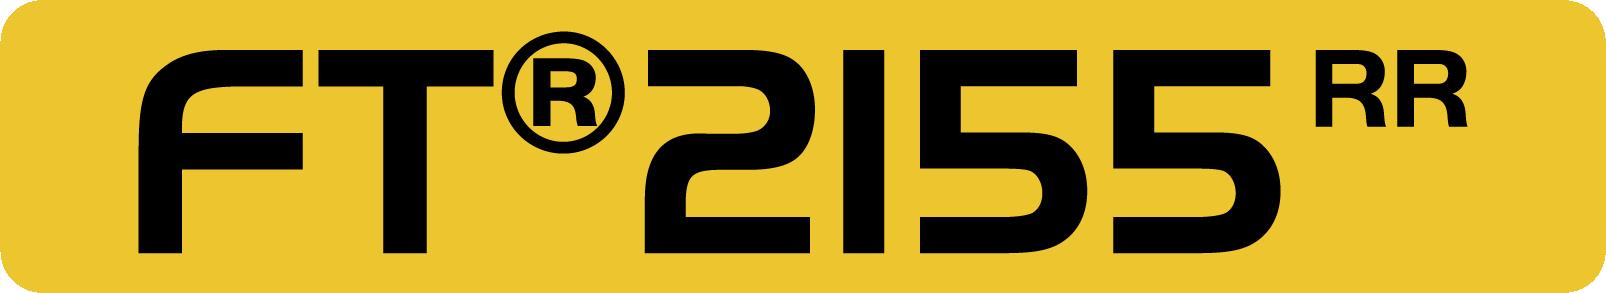 FTR 2155 RR